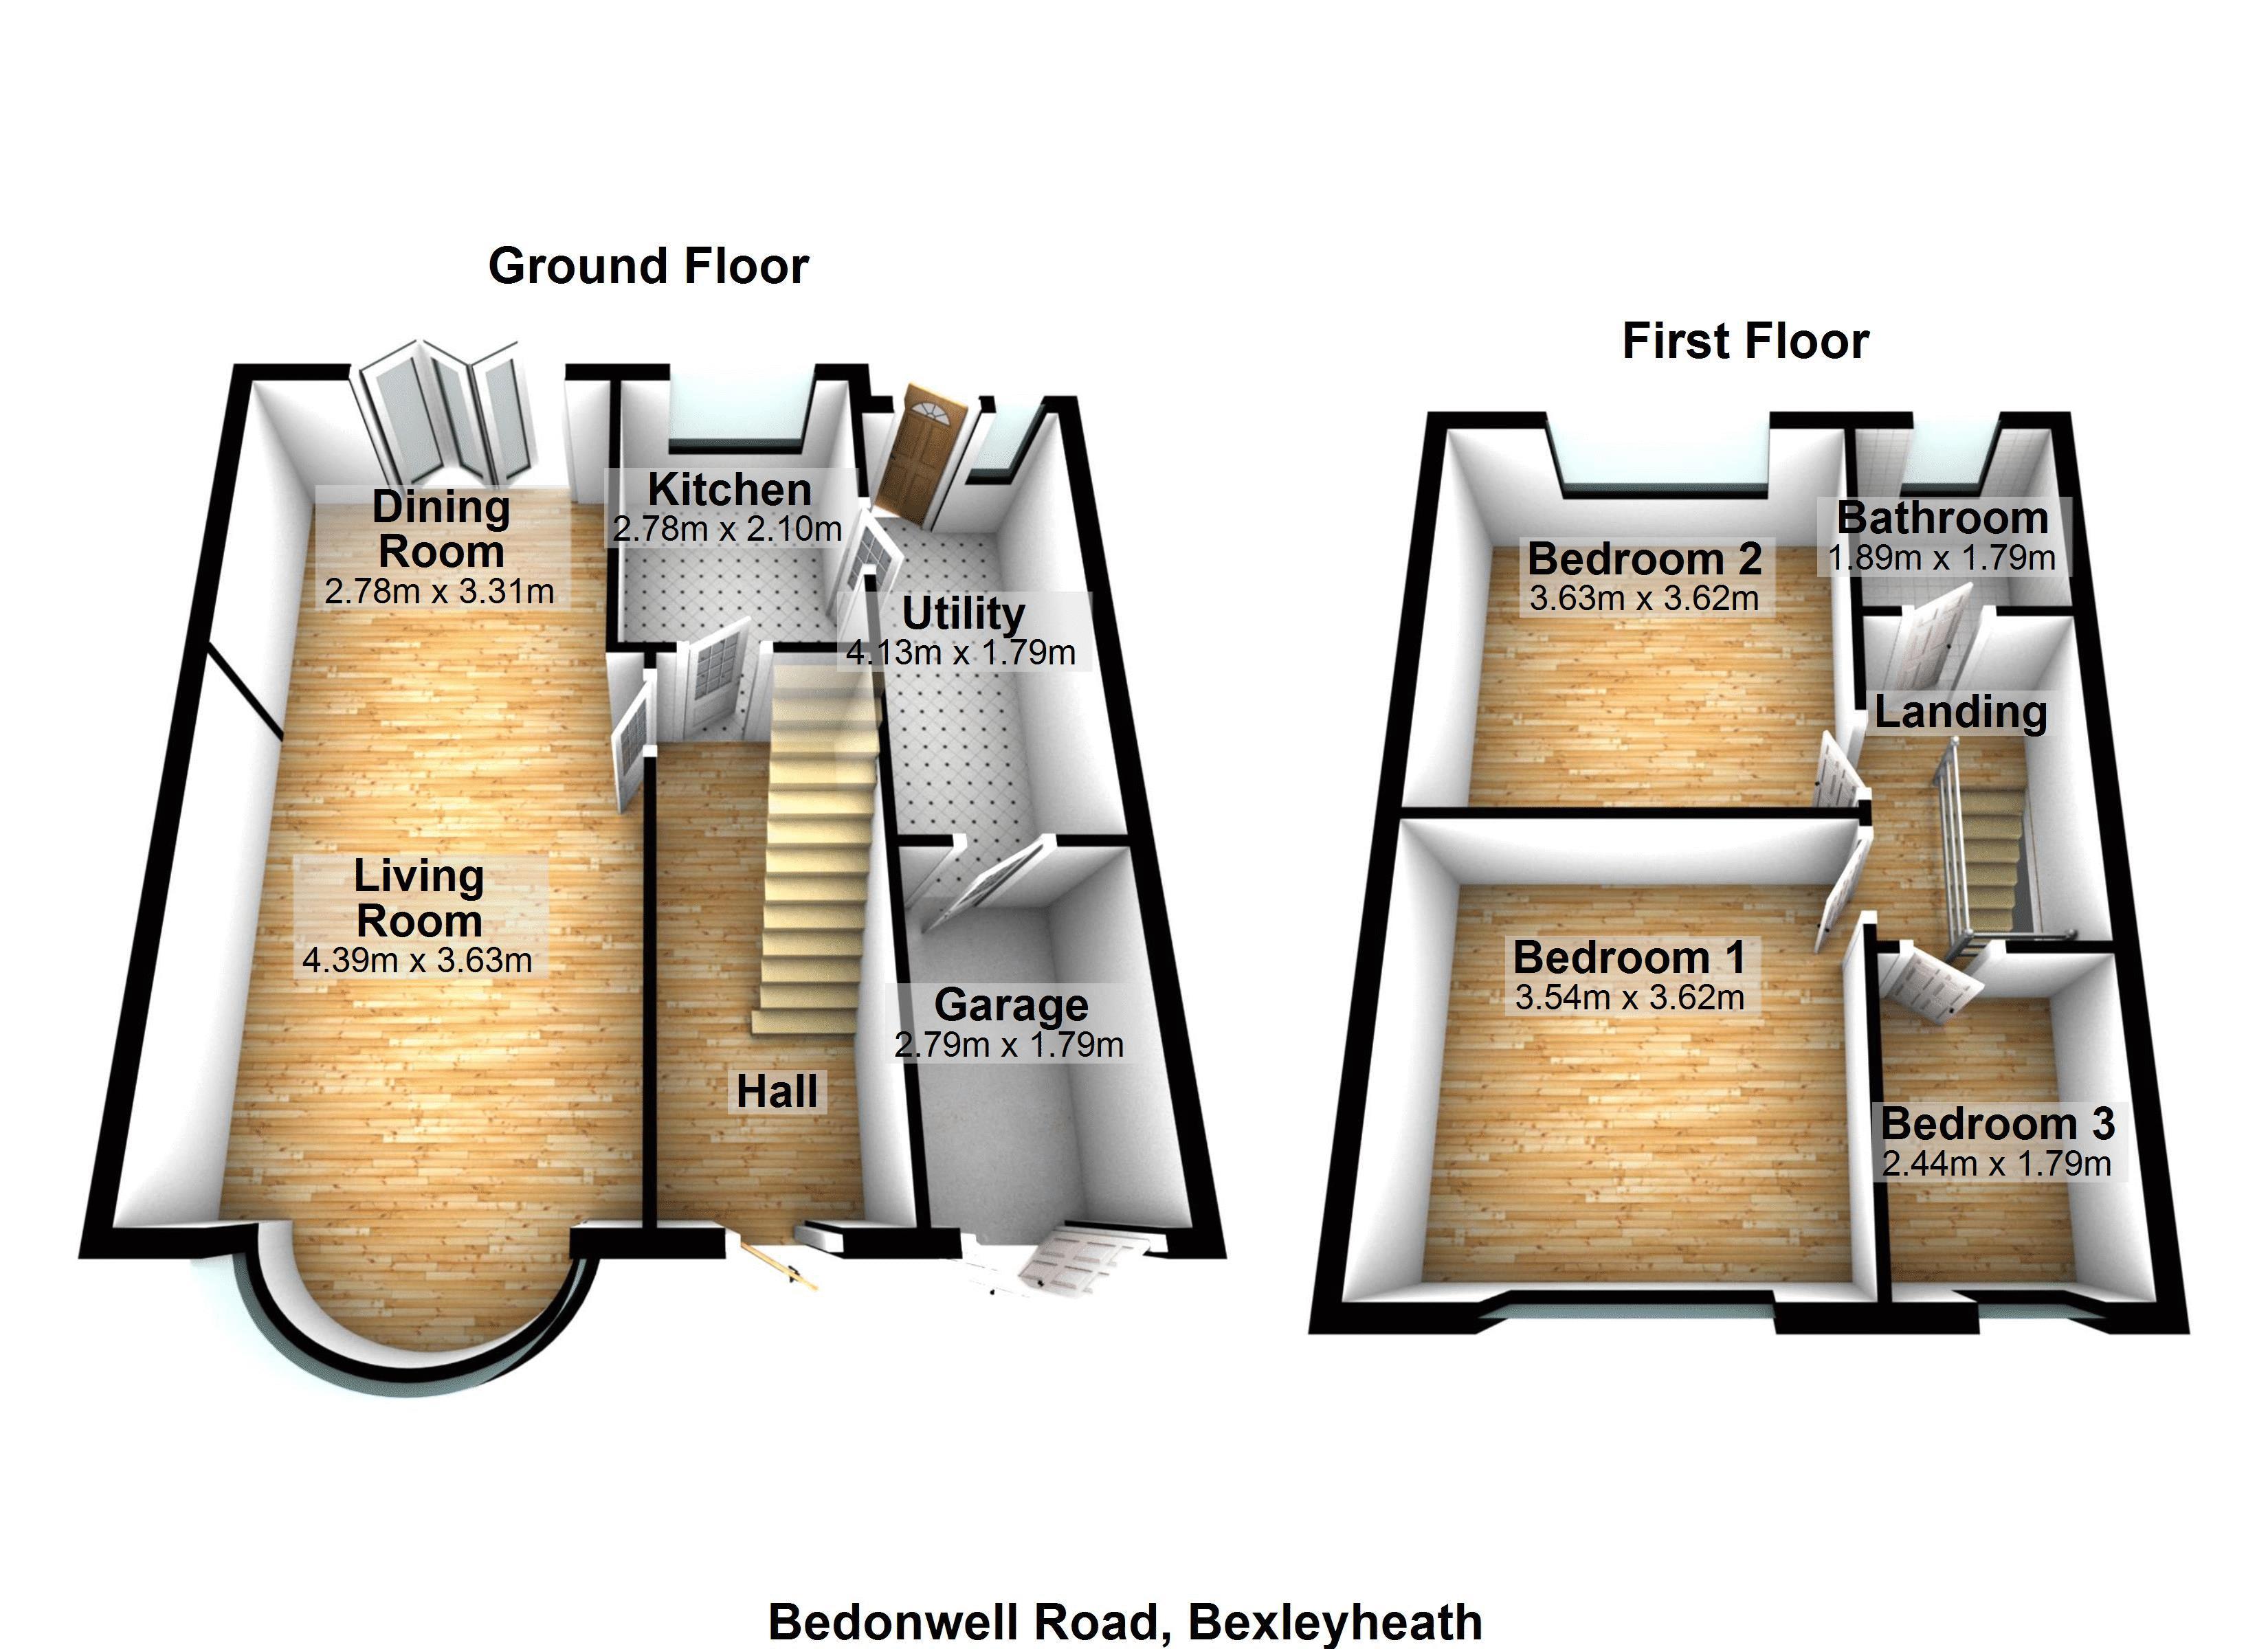 Bedonwell Road